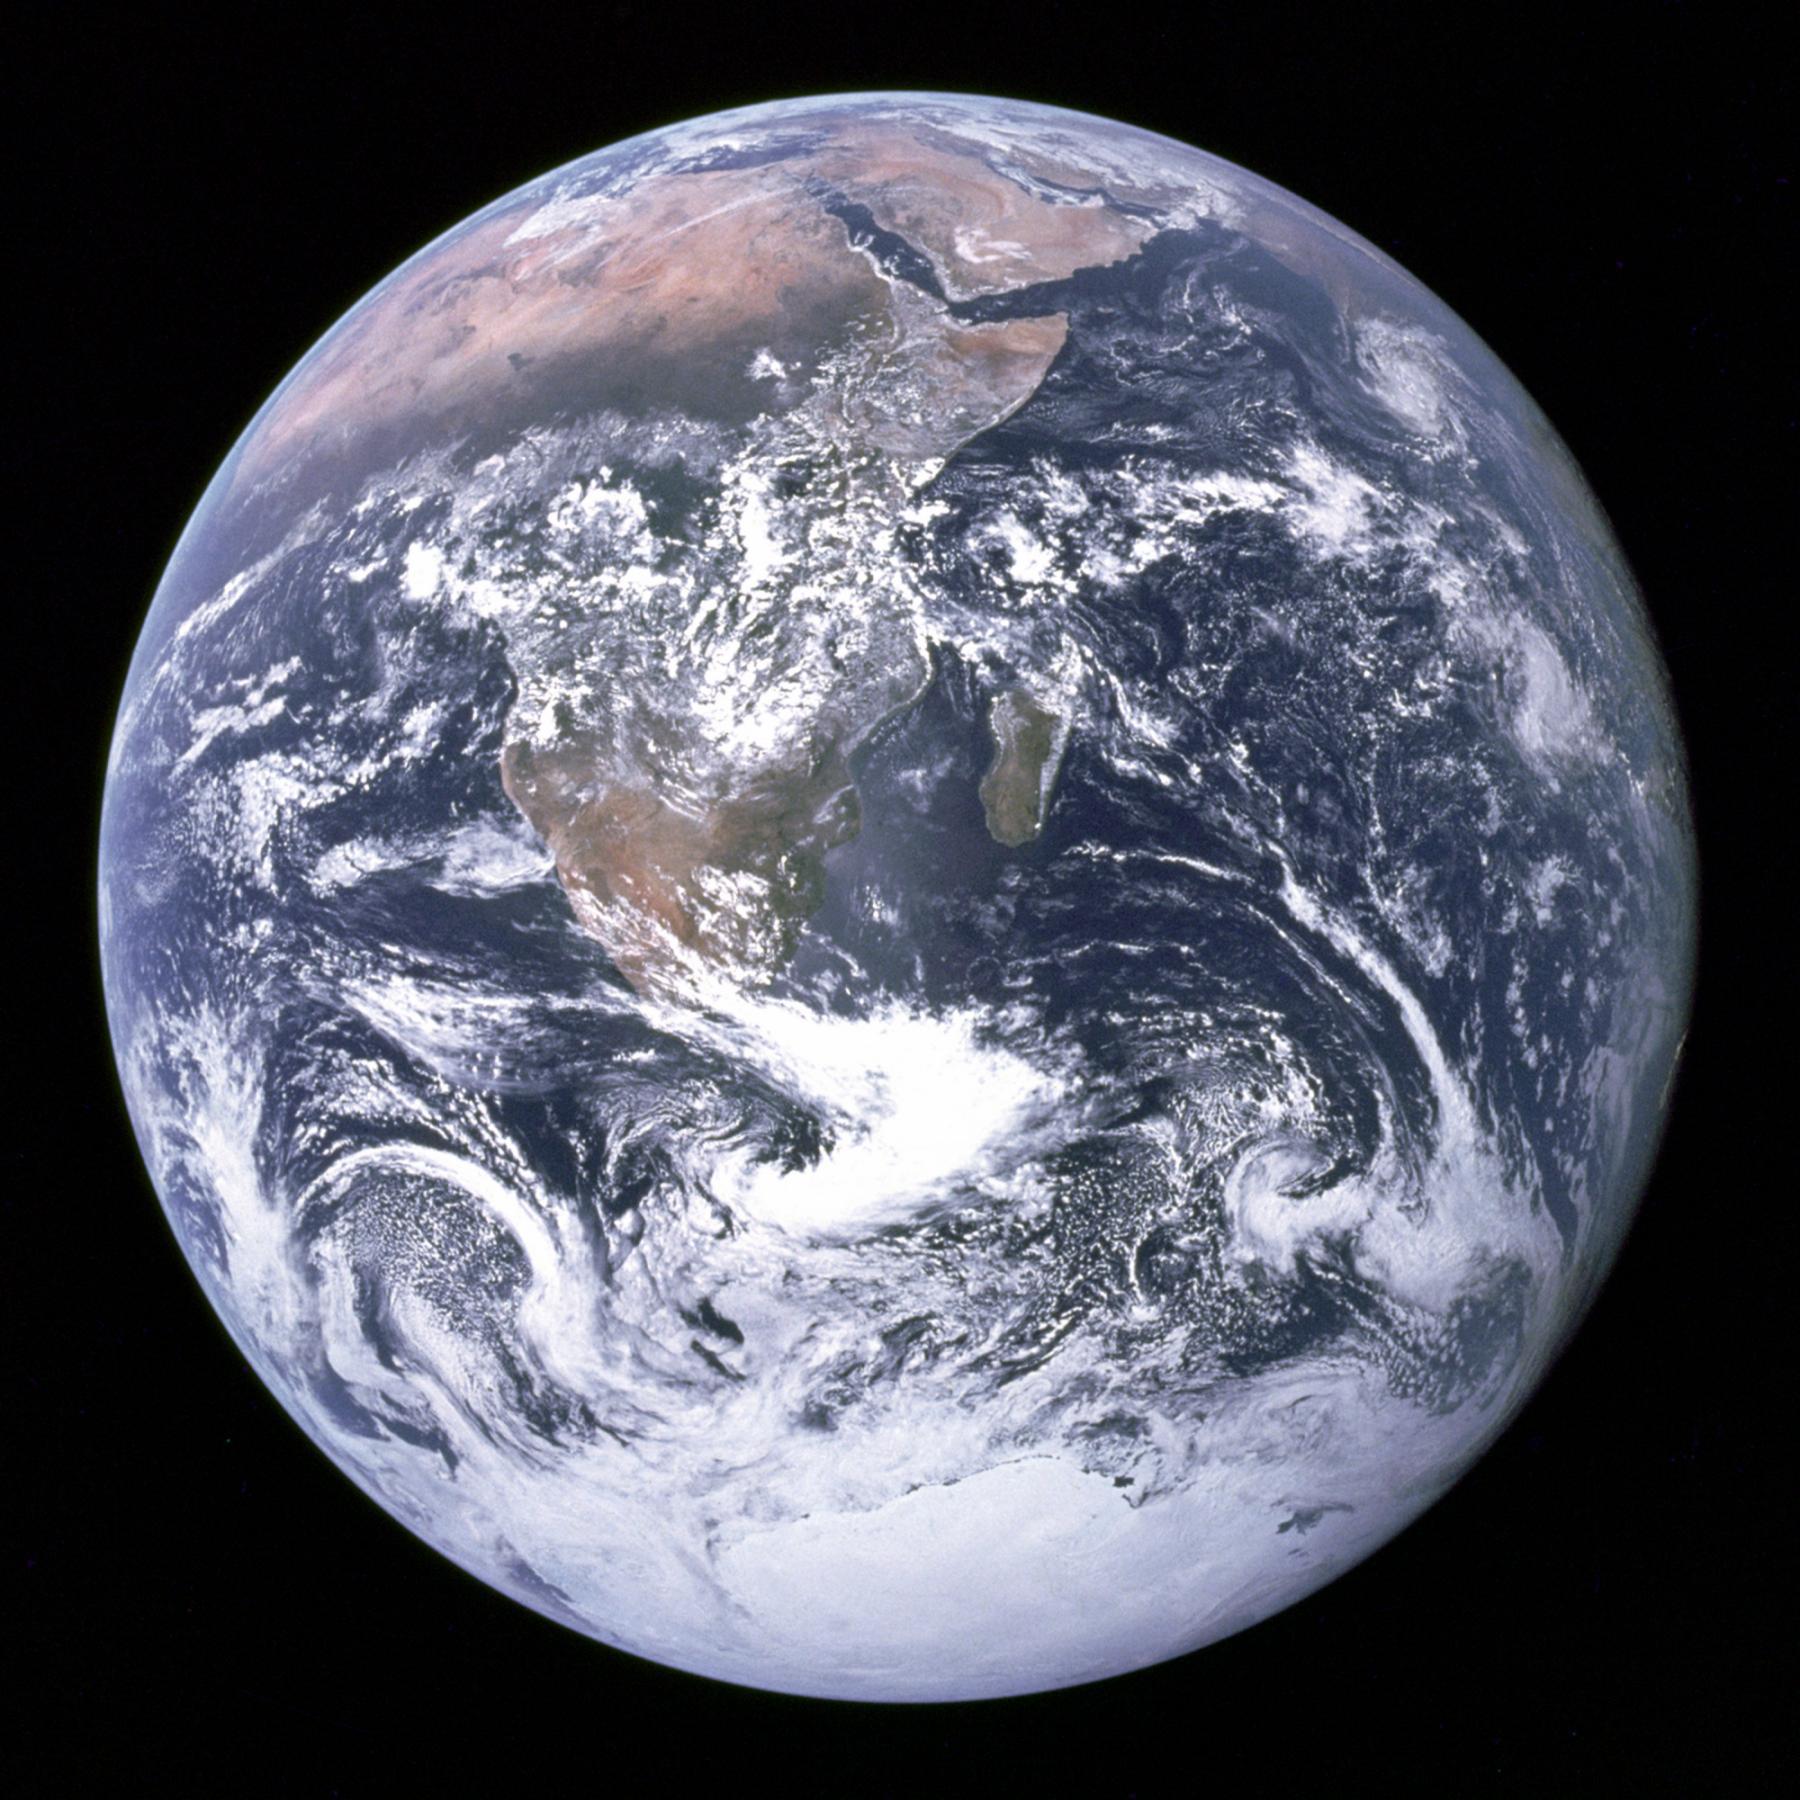 """""""Modrá skleněnka"""" je název pro fotografii Země, pořízenou astronauty Apolla 17 (pravděpodobně Harrisonem Schmittem) 7. 12. 1972 v 11:39 SEČ, 5h a 6min po startu, ve vzdálenosti asi 45.000 km; byla to první fotografie zachycující plně osvětlenou polokouli Země. Je to zároveň zřejmě nejrozšířenější fotografie v historii lidstva"""